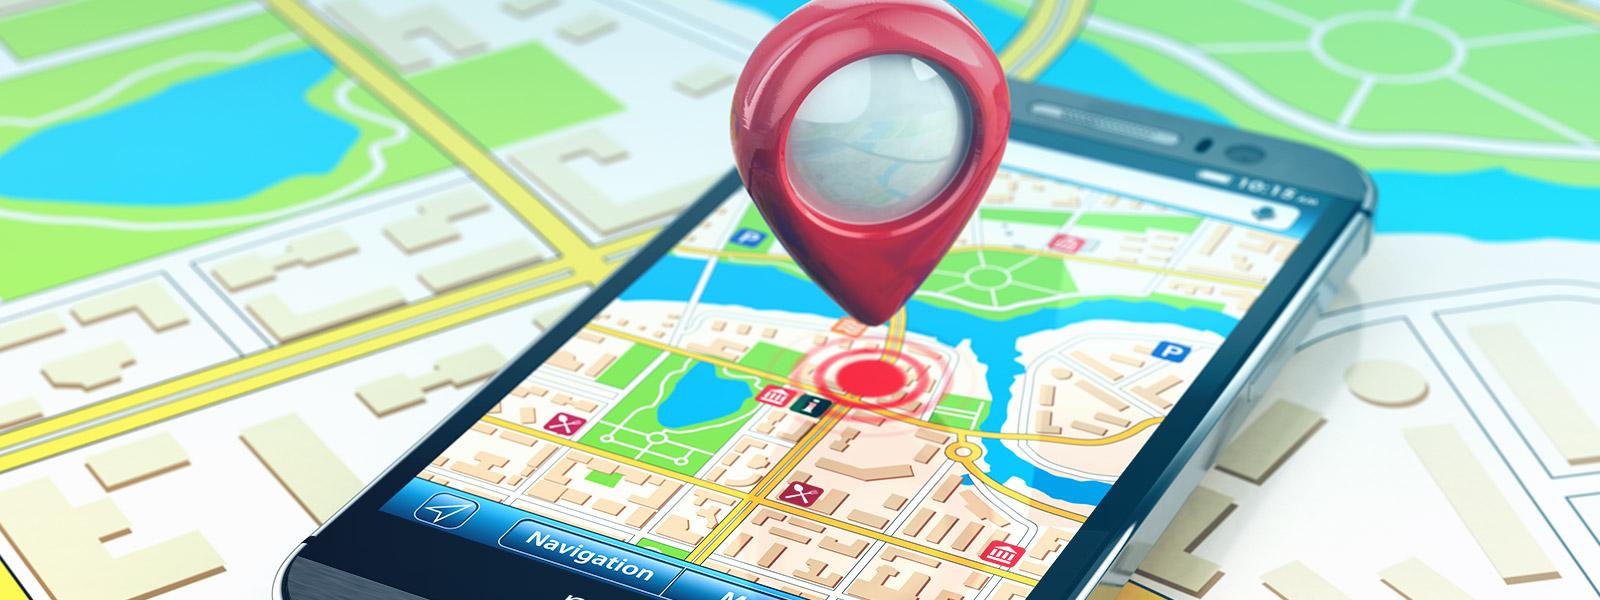 Monitoramento On-line de Veículos CEABS